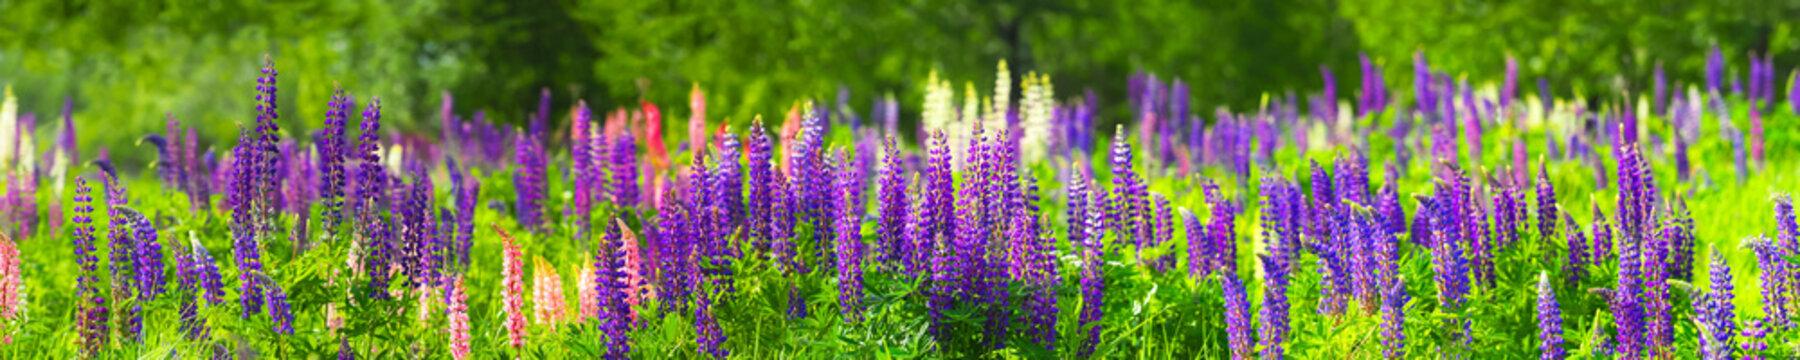 Sundial lupine, beautiful bloom. Flowering Lupinus perennis, panoramic view, Green wild field